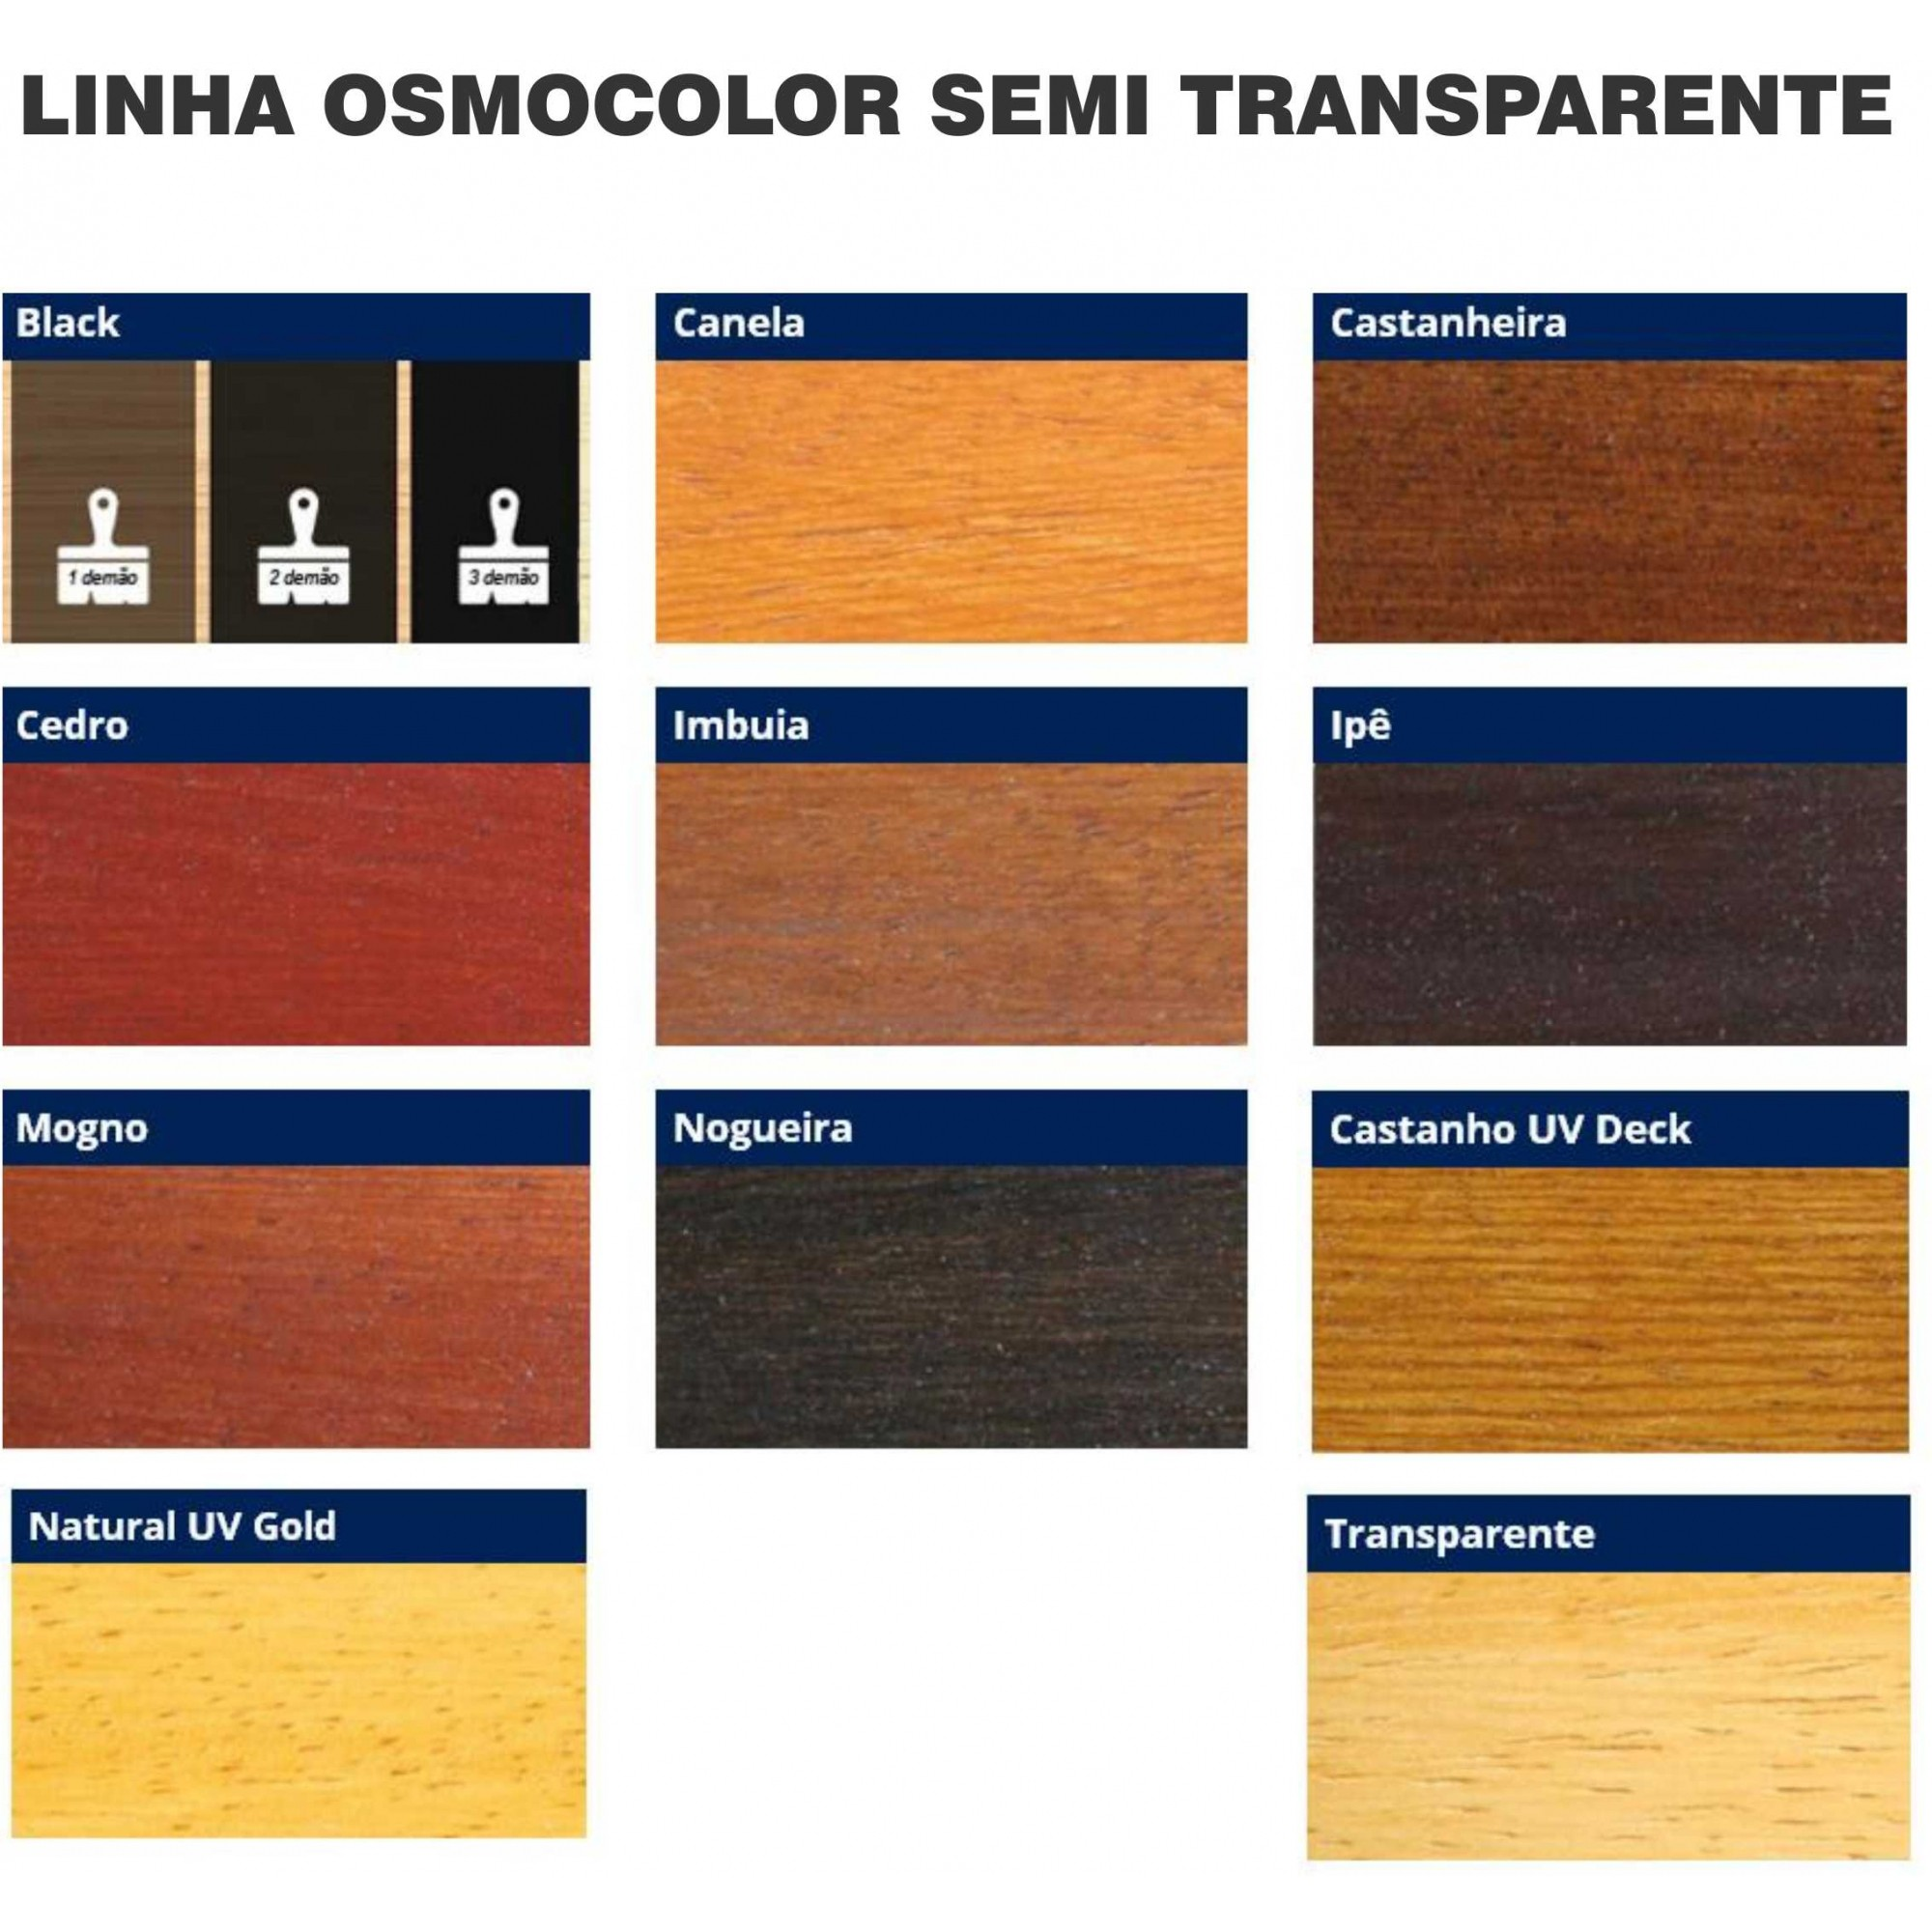 Deck De Madeira Chuveiro Box Banheiro Capacho 140x75 cm Com Pintura NeonX